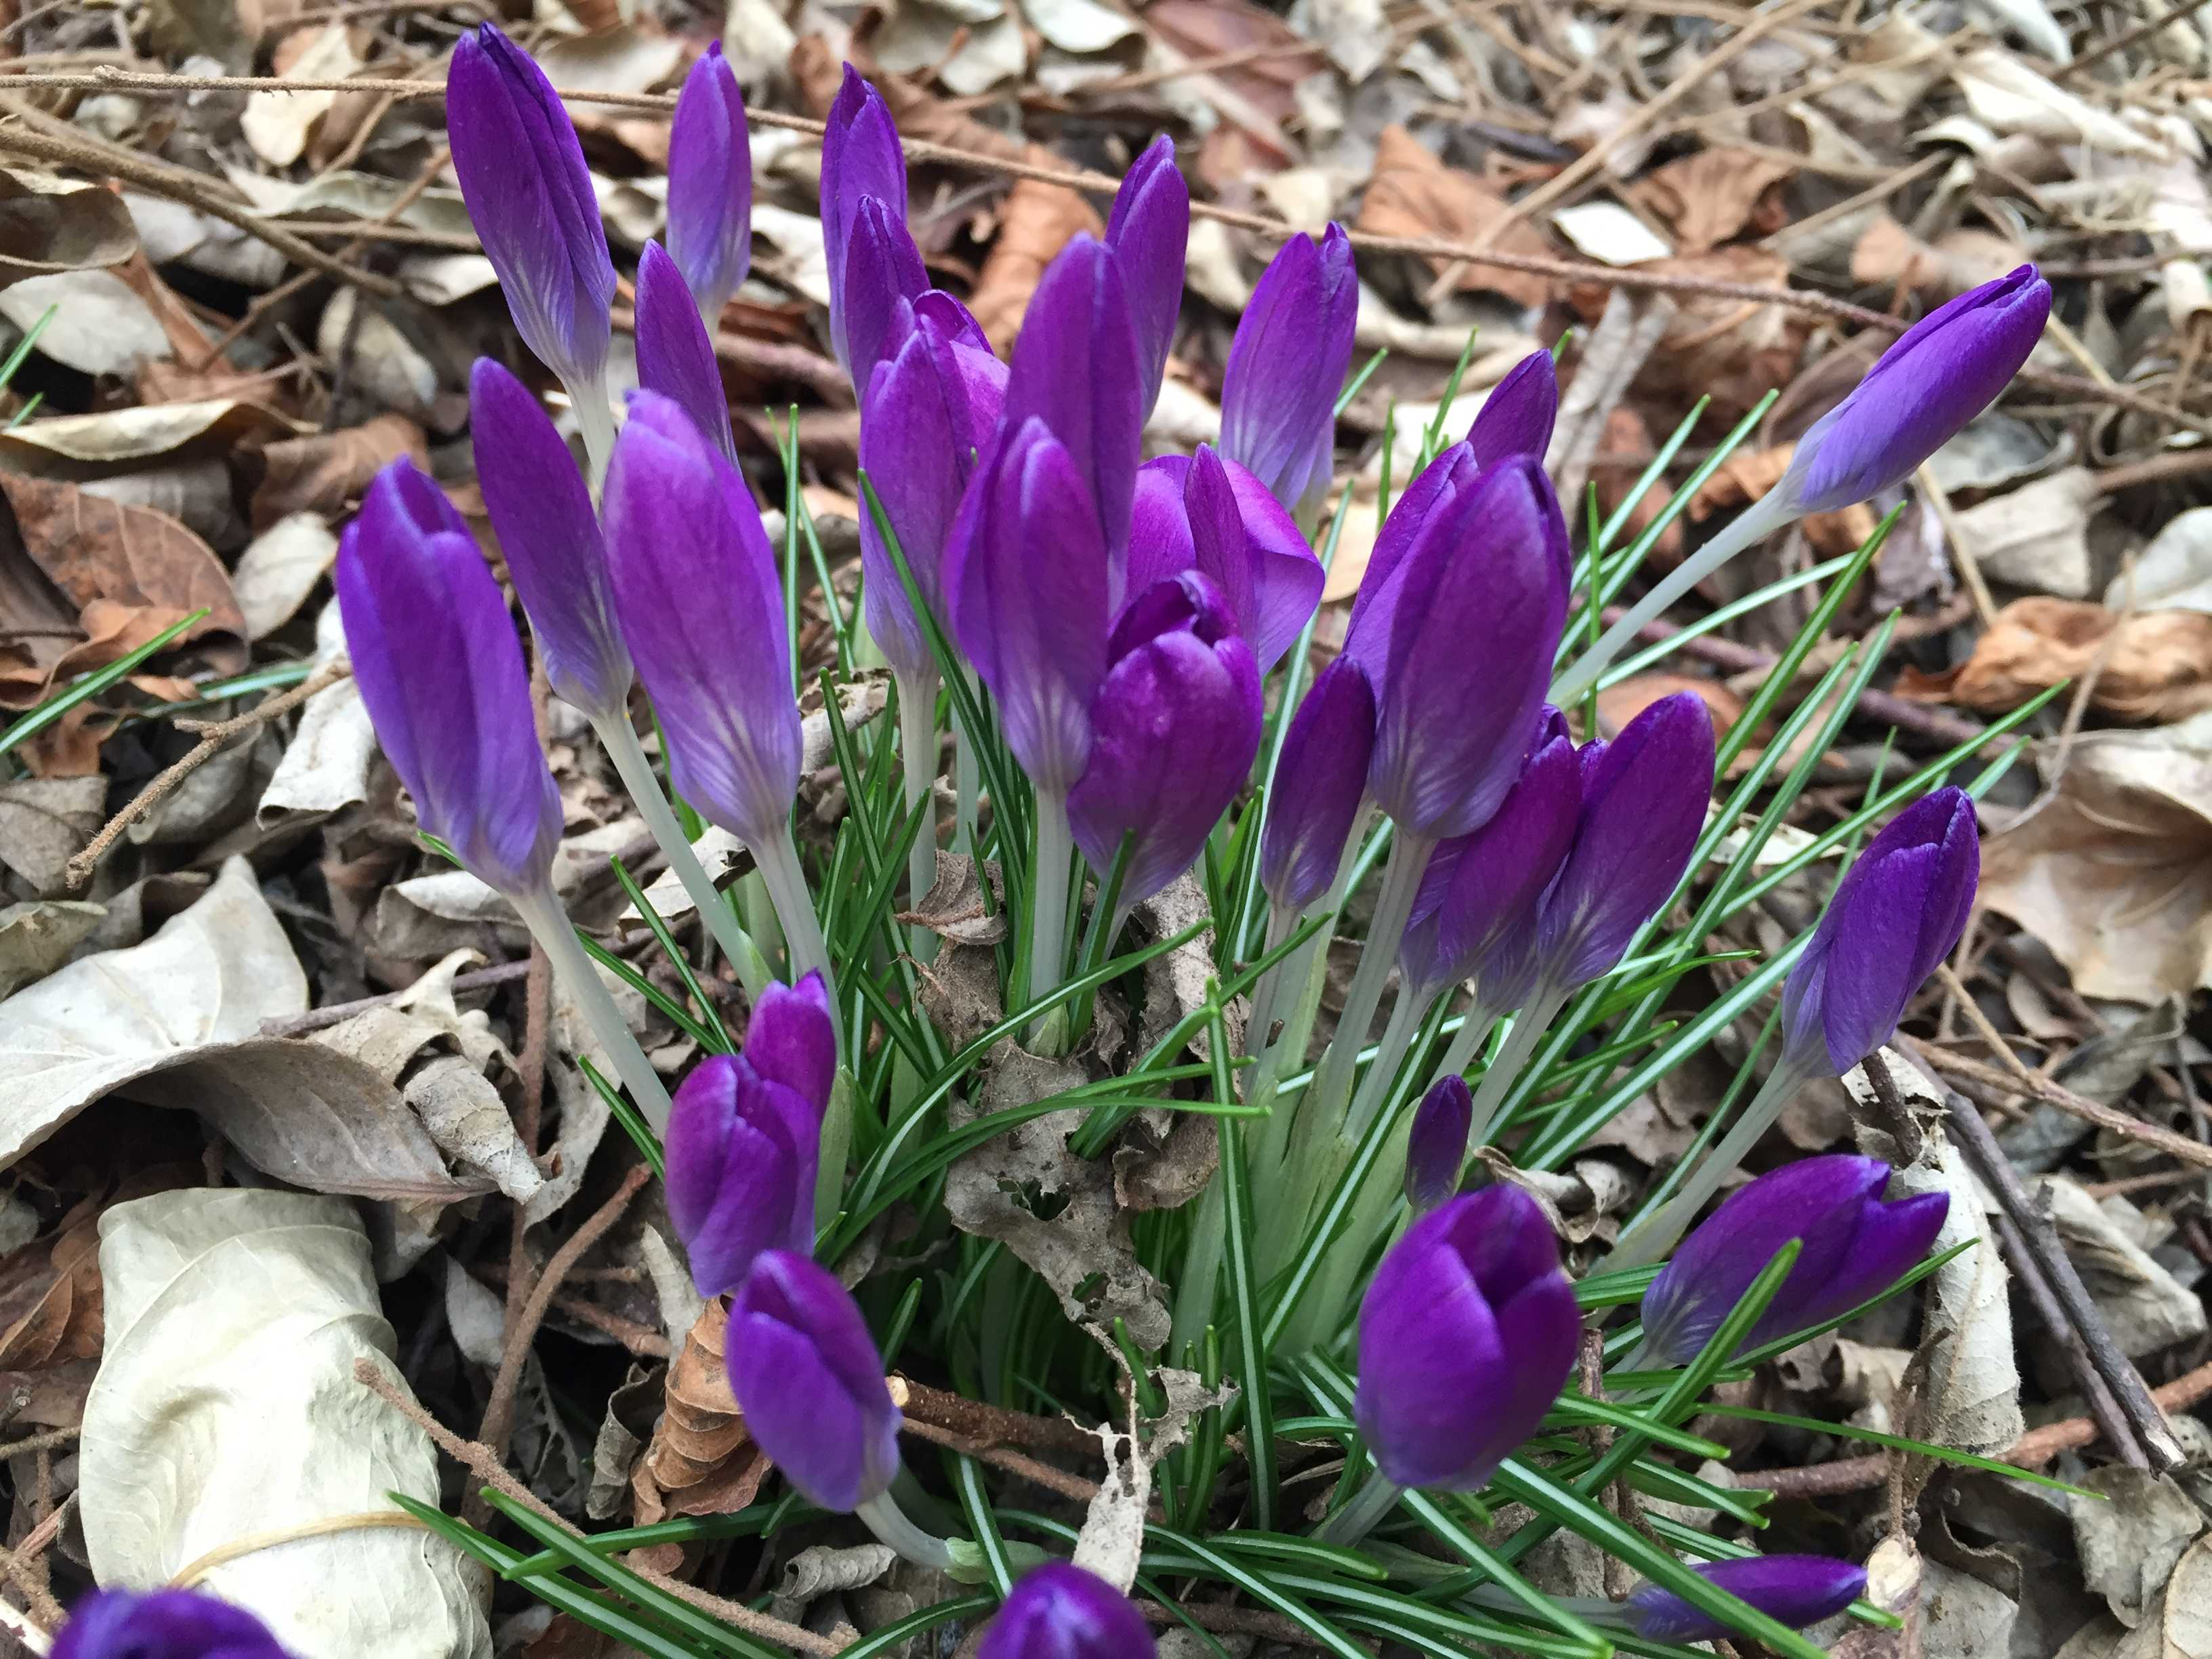 高貴な紫色のクロッカス